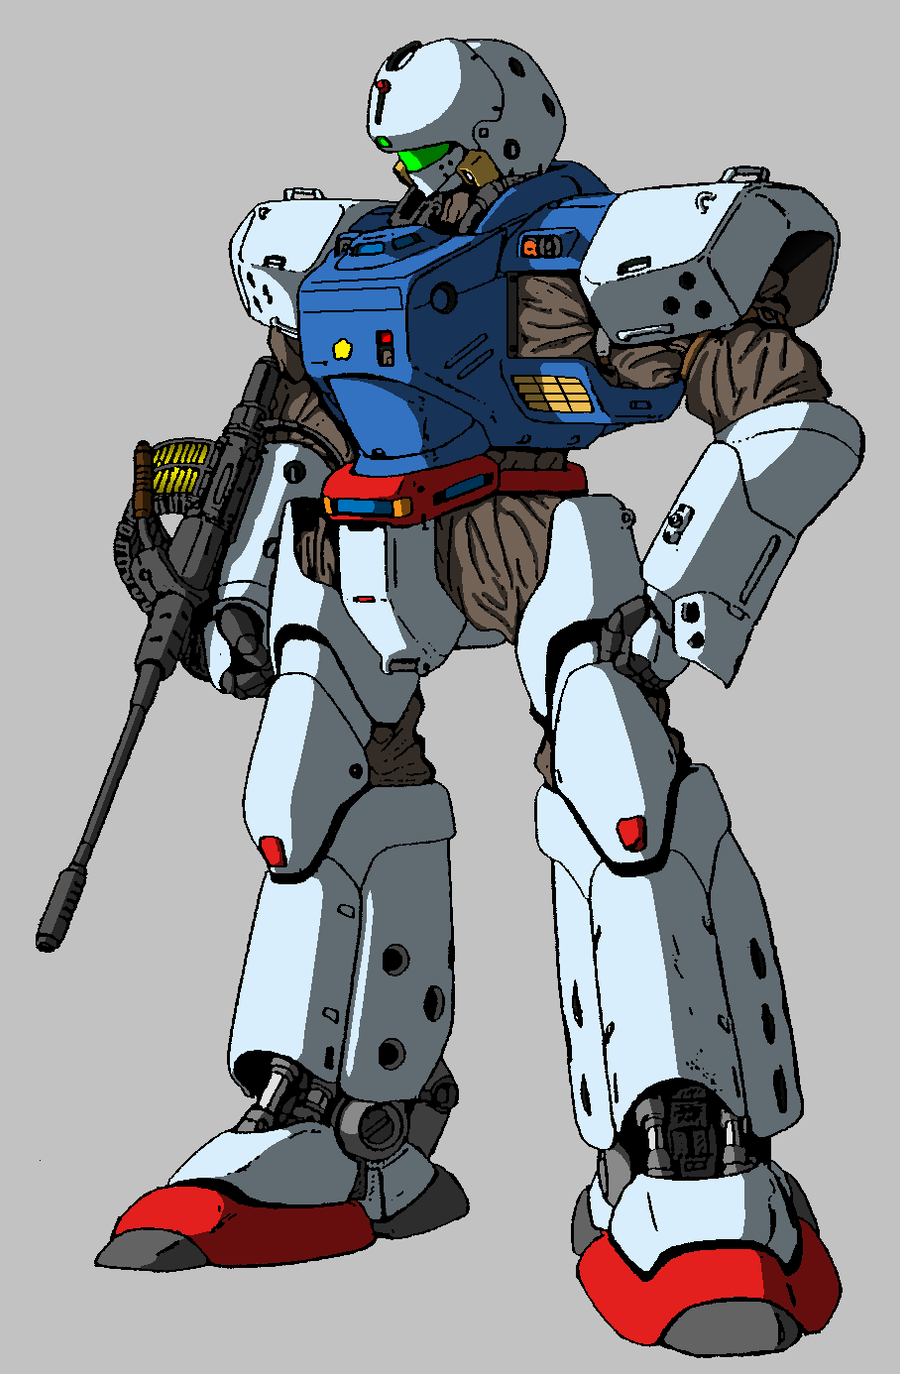 Patlabor Gundam crossover 5 by ltla9000311